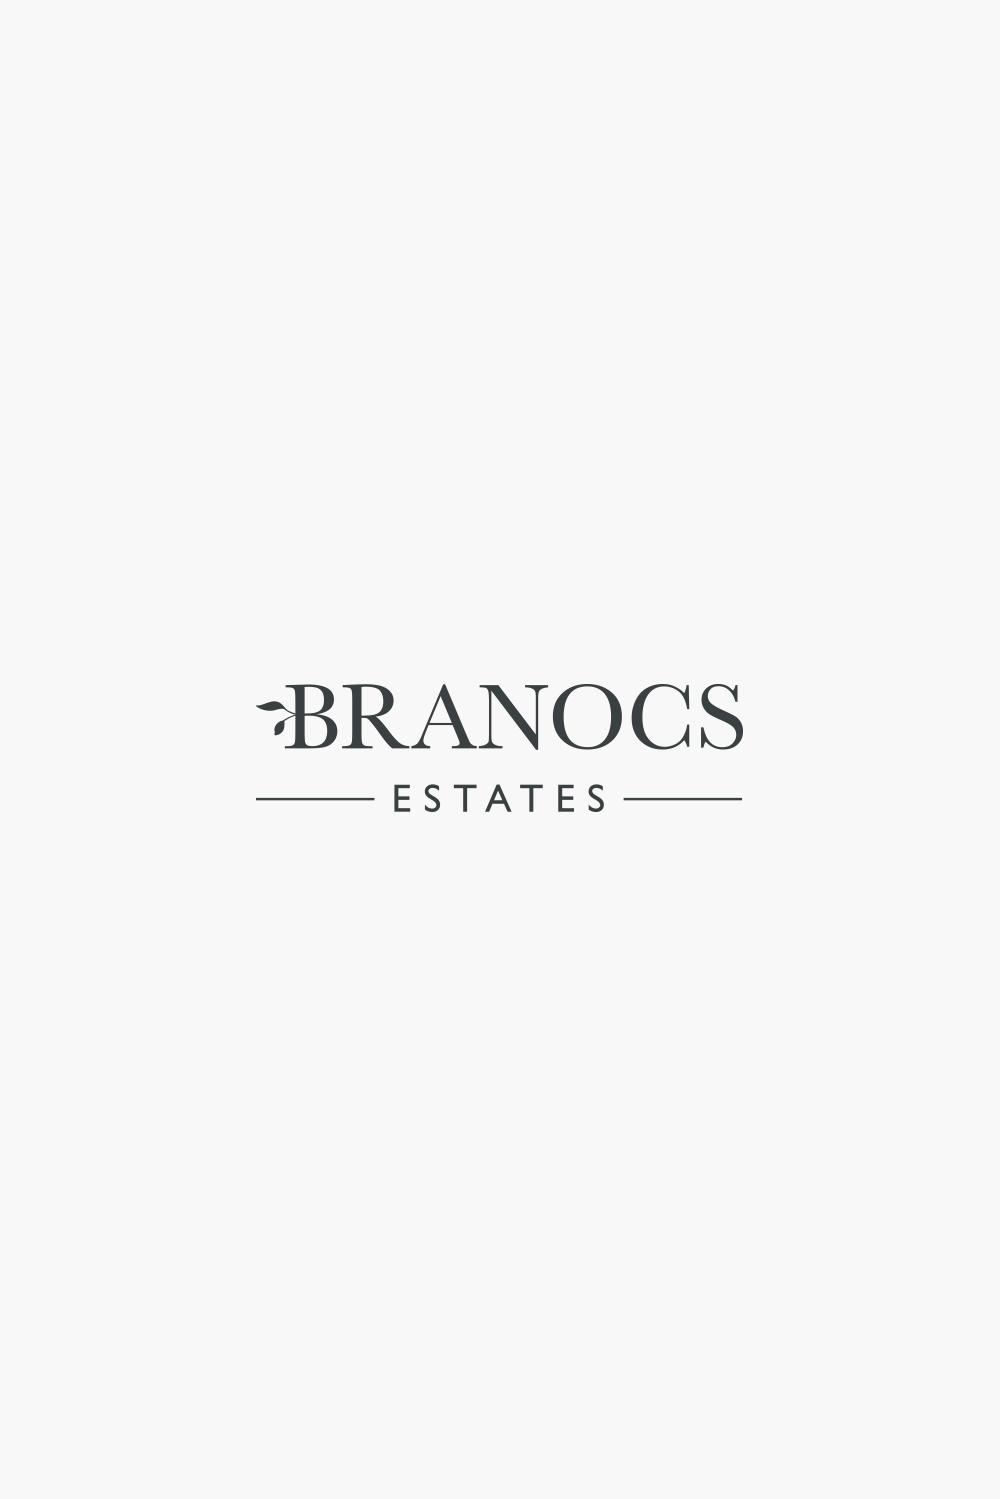 Branocs Estates | trudygeorgina.com